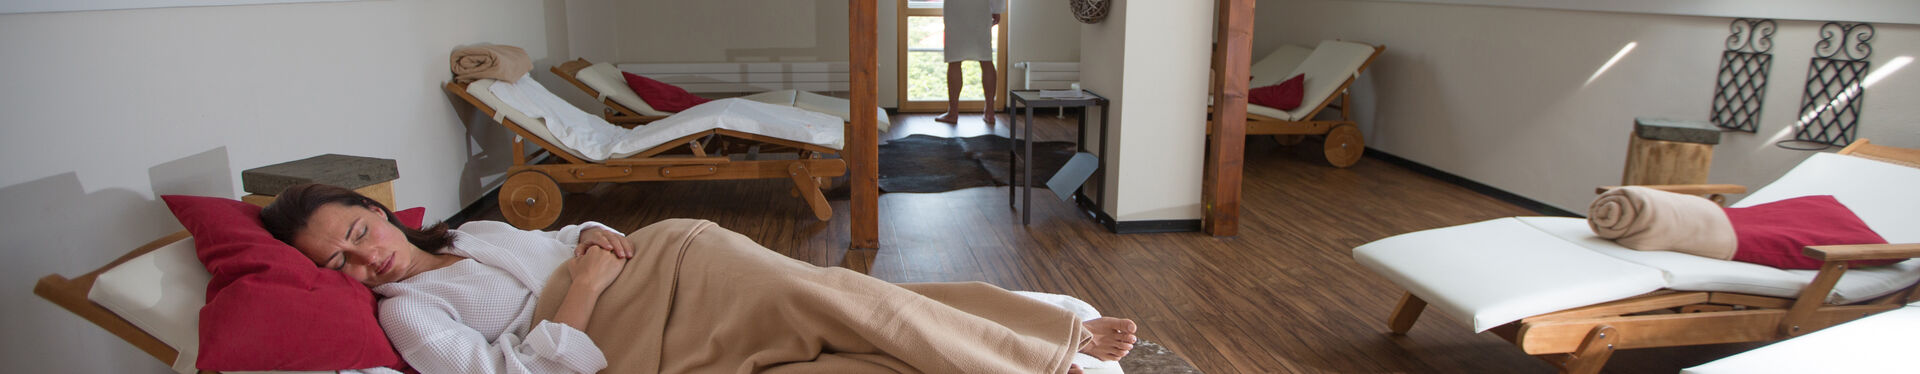 Entspannen Sie im Saunabereich der GraftTherme und gönnen Sie sich Urlaub vom Alltag.